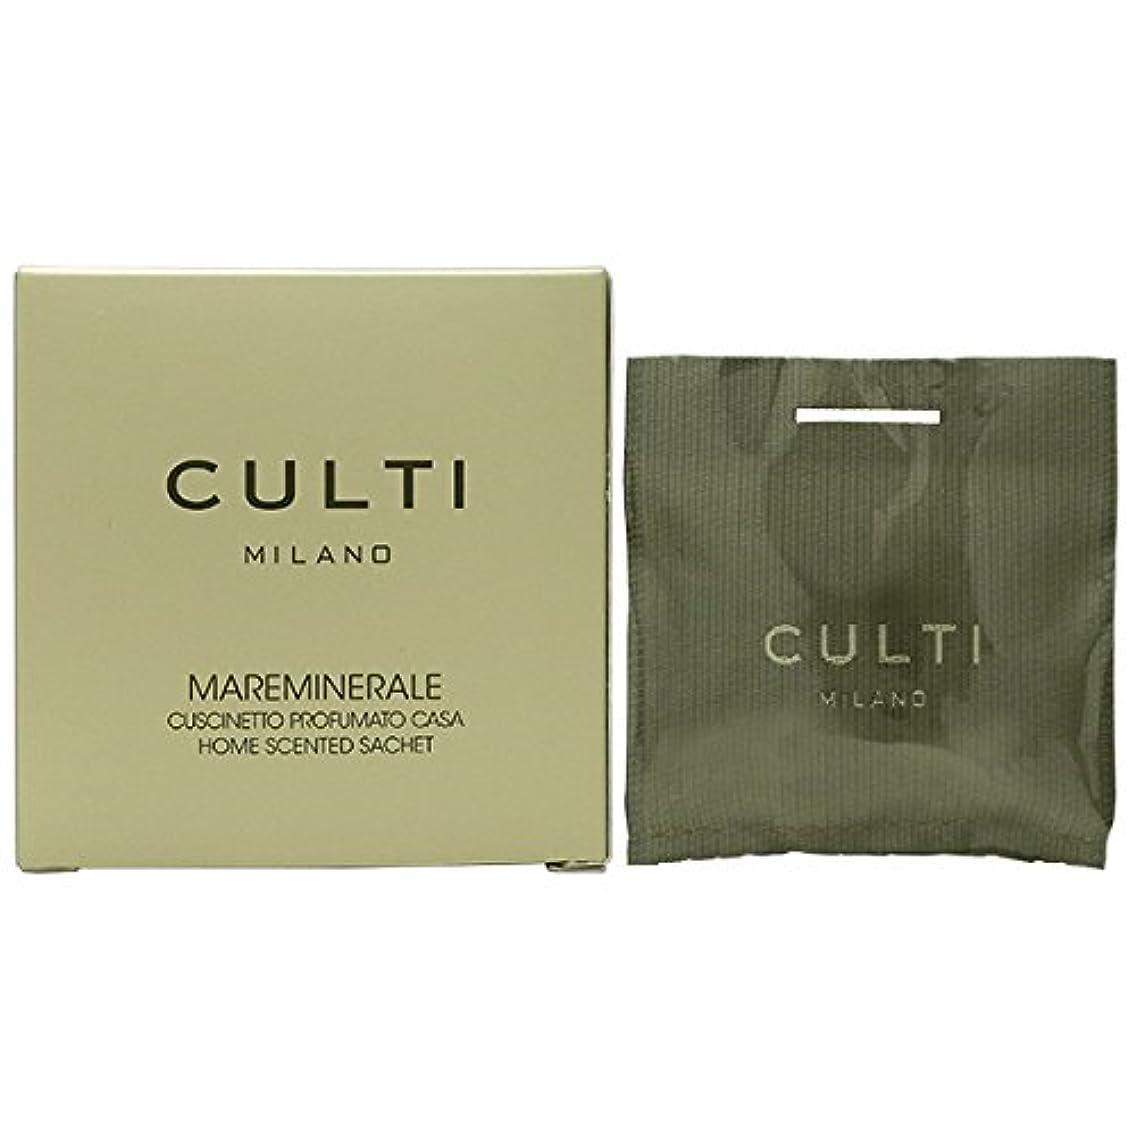 インドグロー素敵な【CULTI】クルティ ホームセンテッド サシェ MAREMINERALE 7×7cm [並行輸入品]